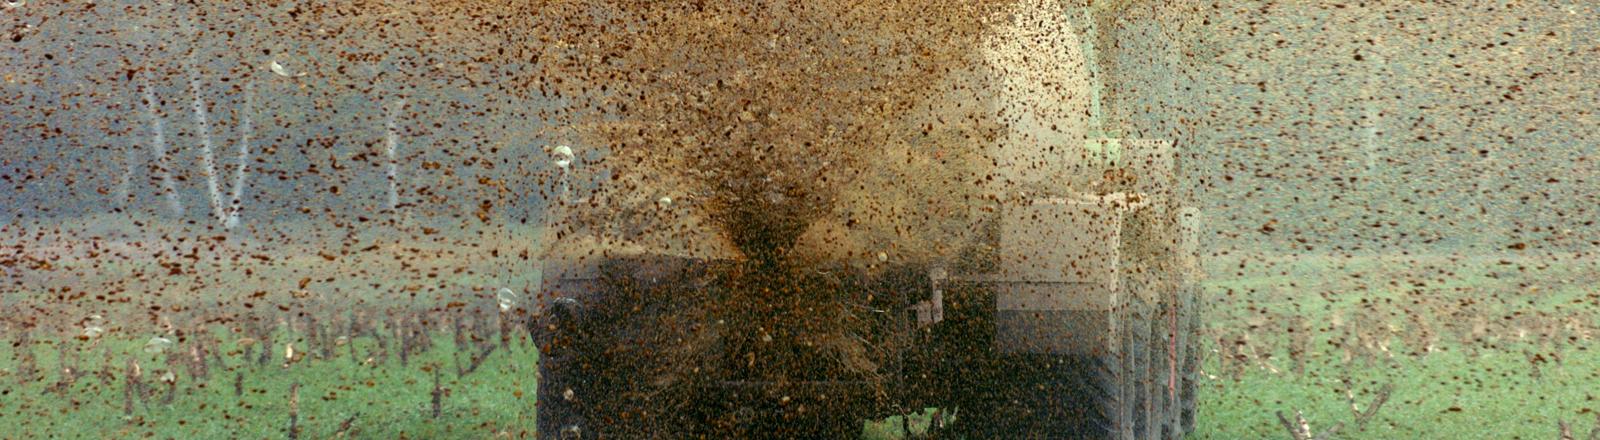 Rindergülle spritzt ein Landwirt in Wedemark (Region Hannover) am Dienstag (12.04.2005) aus einem von einem Traktor gezogenen Tankwagen auf seine sieben Hektar große Felder, um die Qualität des Bodens zu verbessern. Auf ihm wurde nach der Maisernte Grünroggen als Zwischenfrucht ausgebracht. In rund einem halben Jahr soll auf den mit Gülle besprühten Flächen wieder Mais geheckselt werden. In den Tankwagen passen 16 Kubikmeter Gülle.